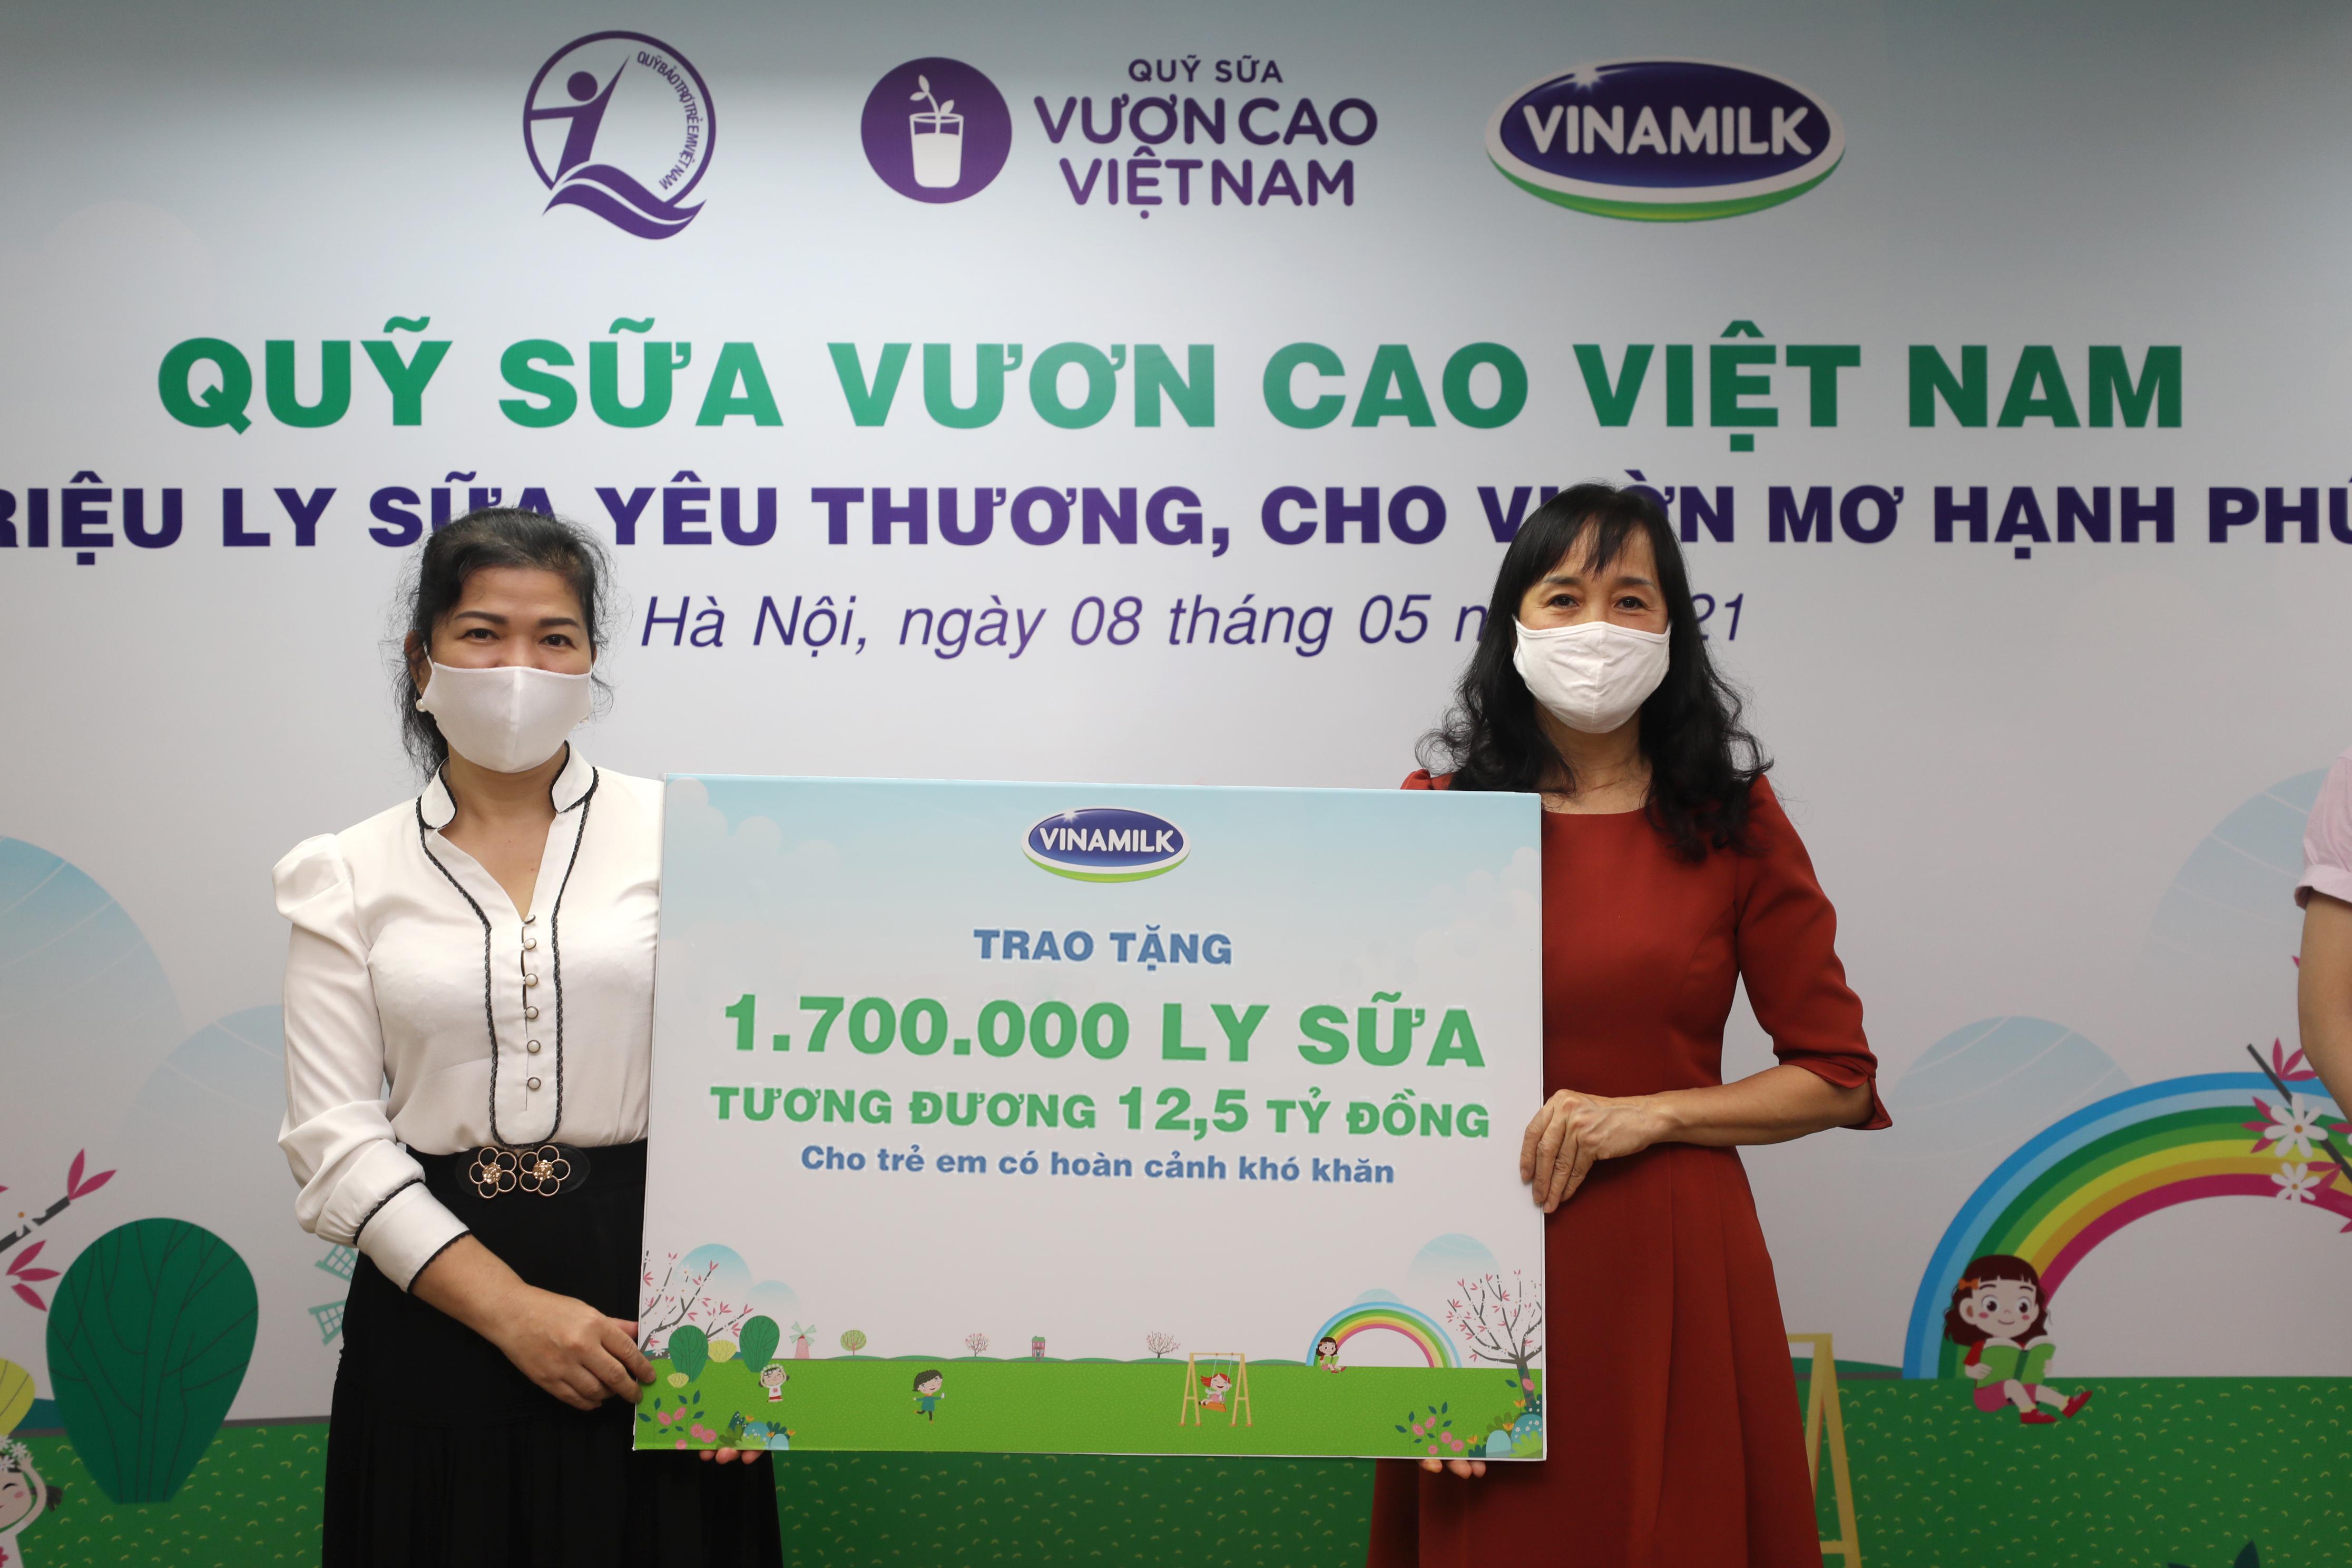 Trong năm 2020 và 2021, Vinamilk đã trao tặng tổng cộng 3,4 triệu ly sữa, tương đương 25 tỷ đồng thông qua Quỹ sữa Vươn cao Việt Nam